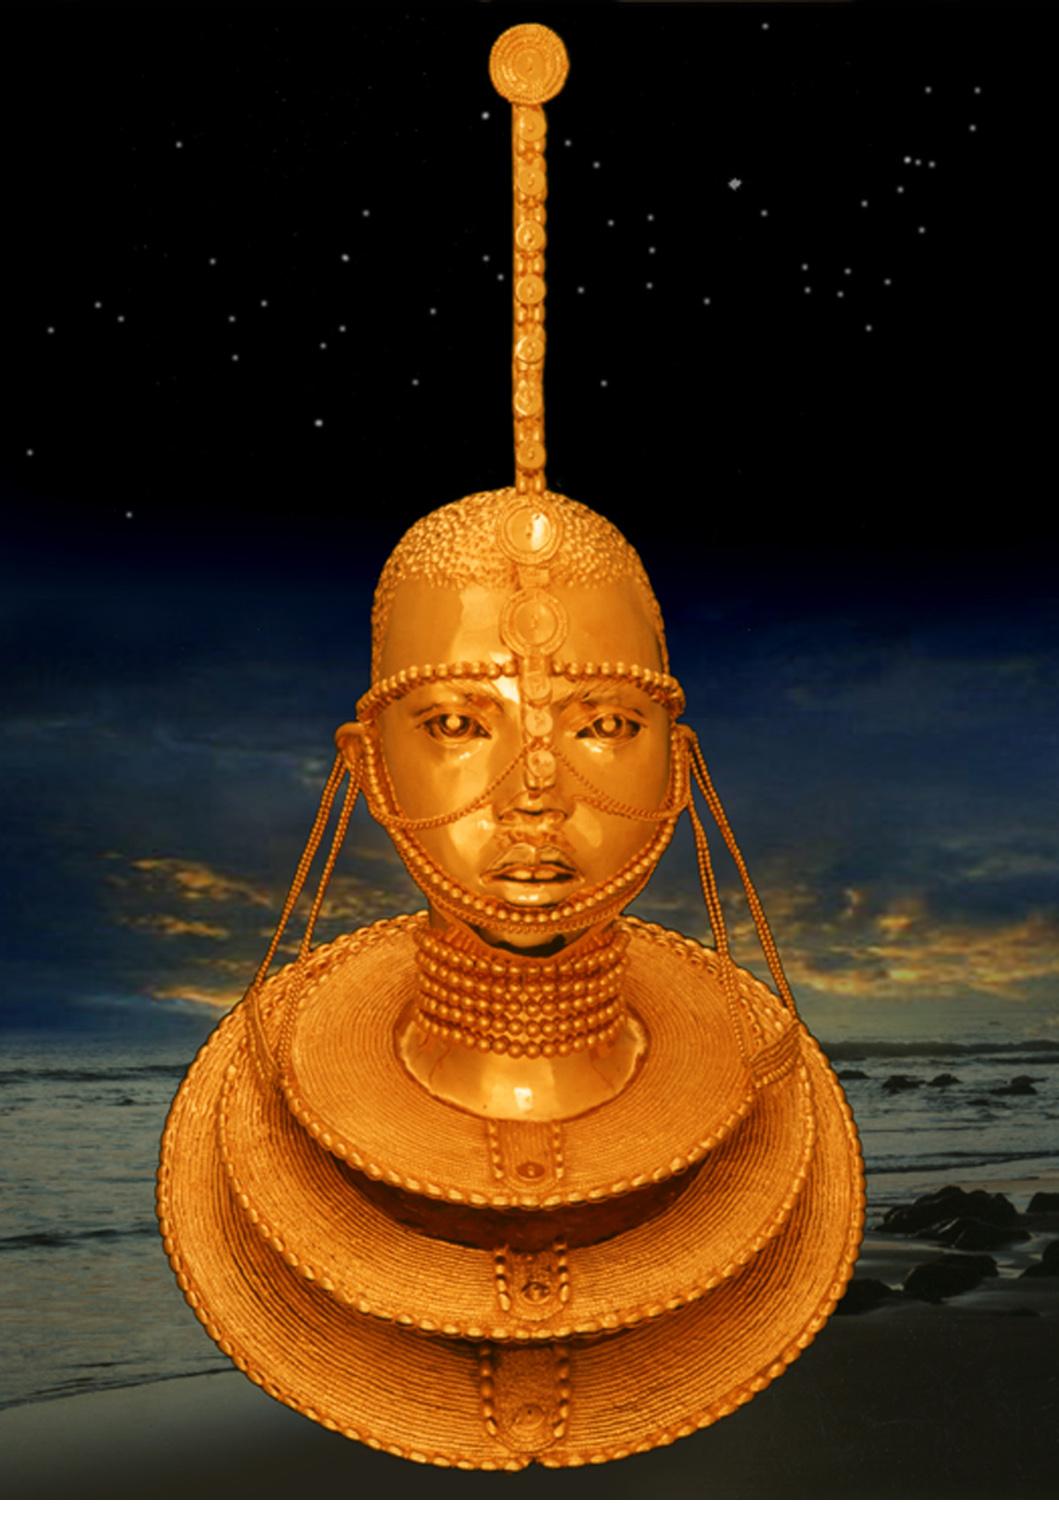 Maasai Princess bronze gold plated